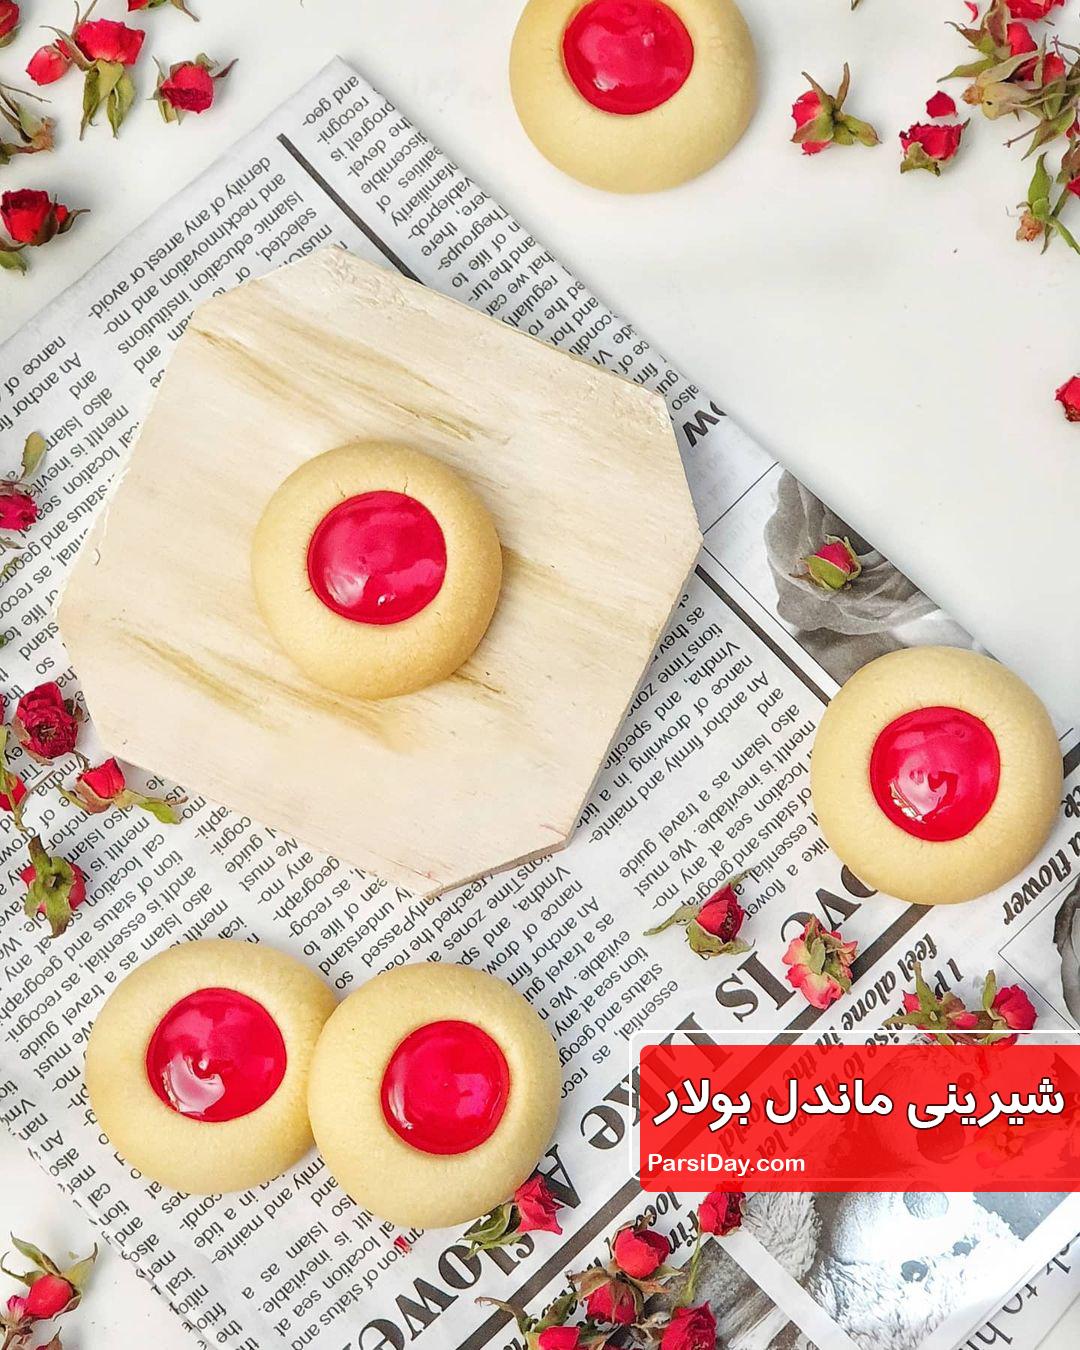 طرز تهیه شیرینی ماندل بولار سوئیسی ساده و خوشمزه با فر و بدون فر